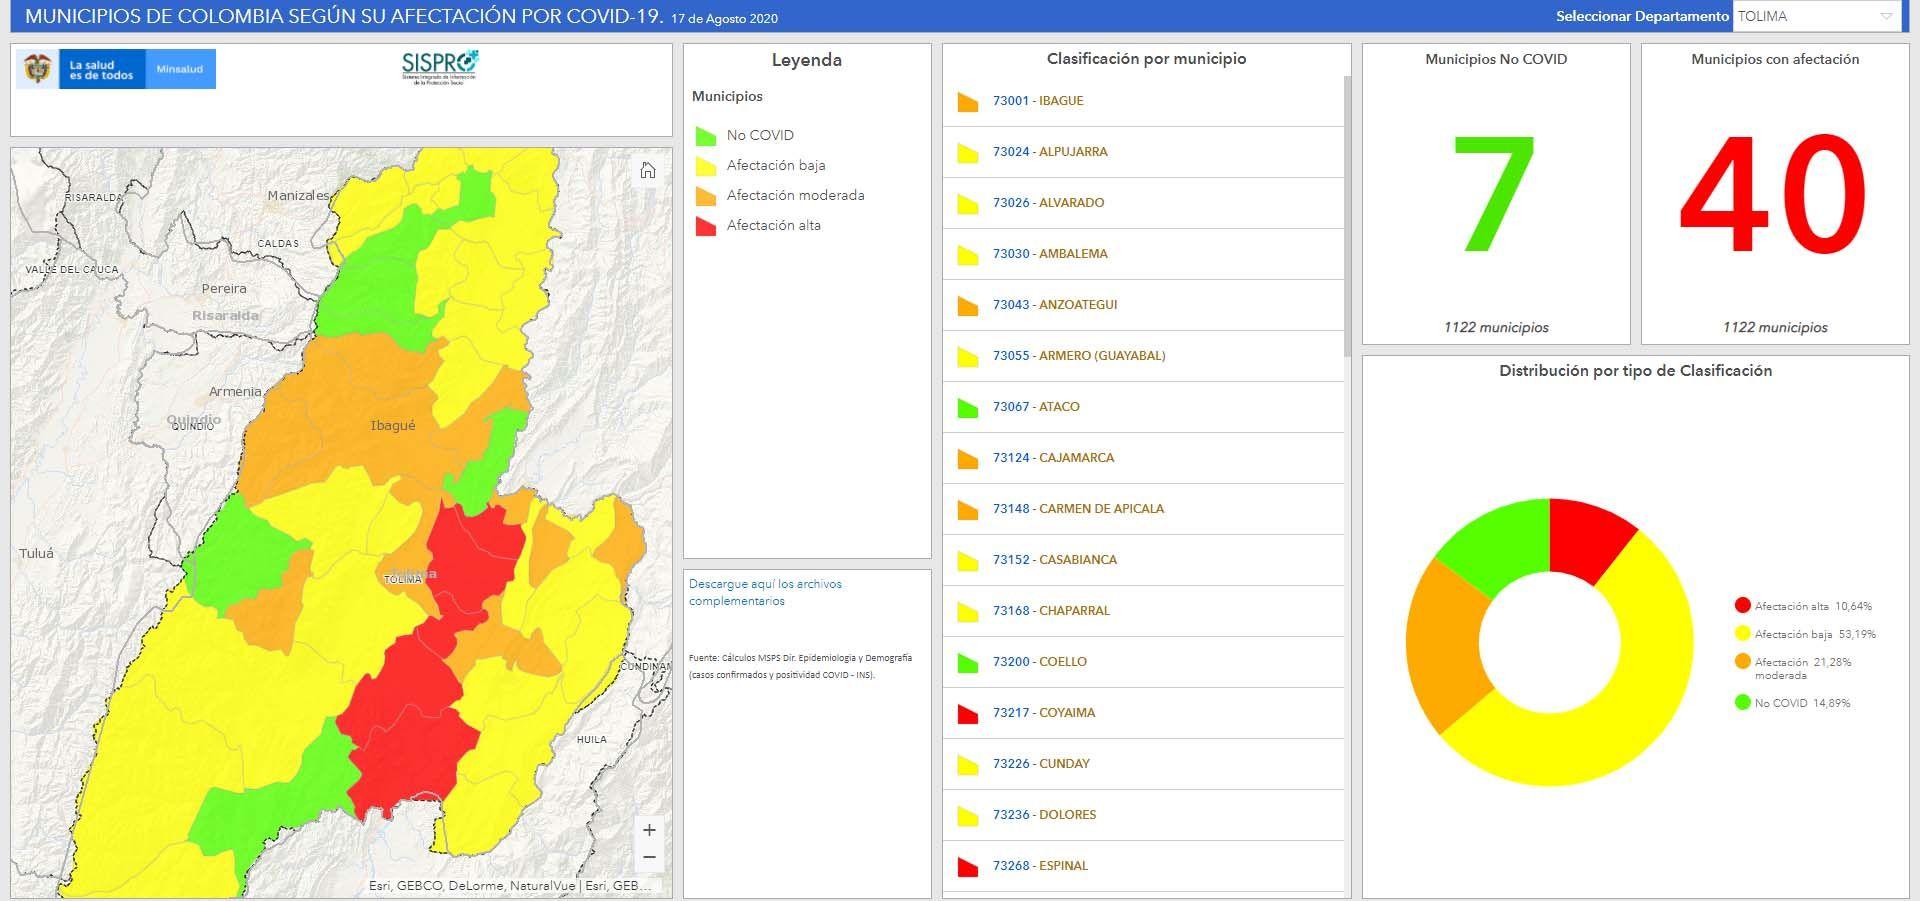 El Covid ya está en 42 de los 47 municipios del Tolima (89.36%)